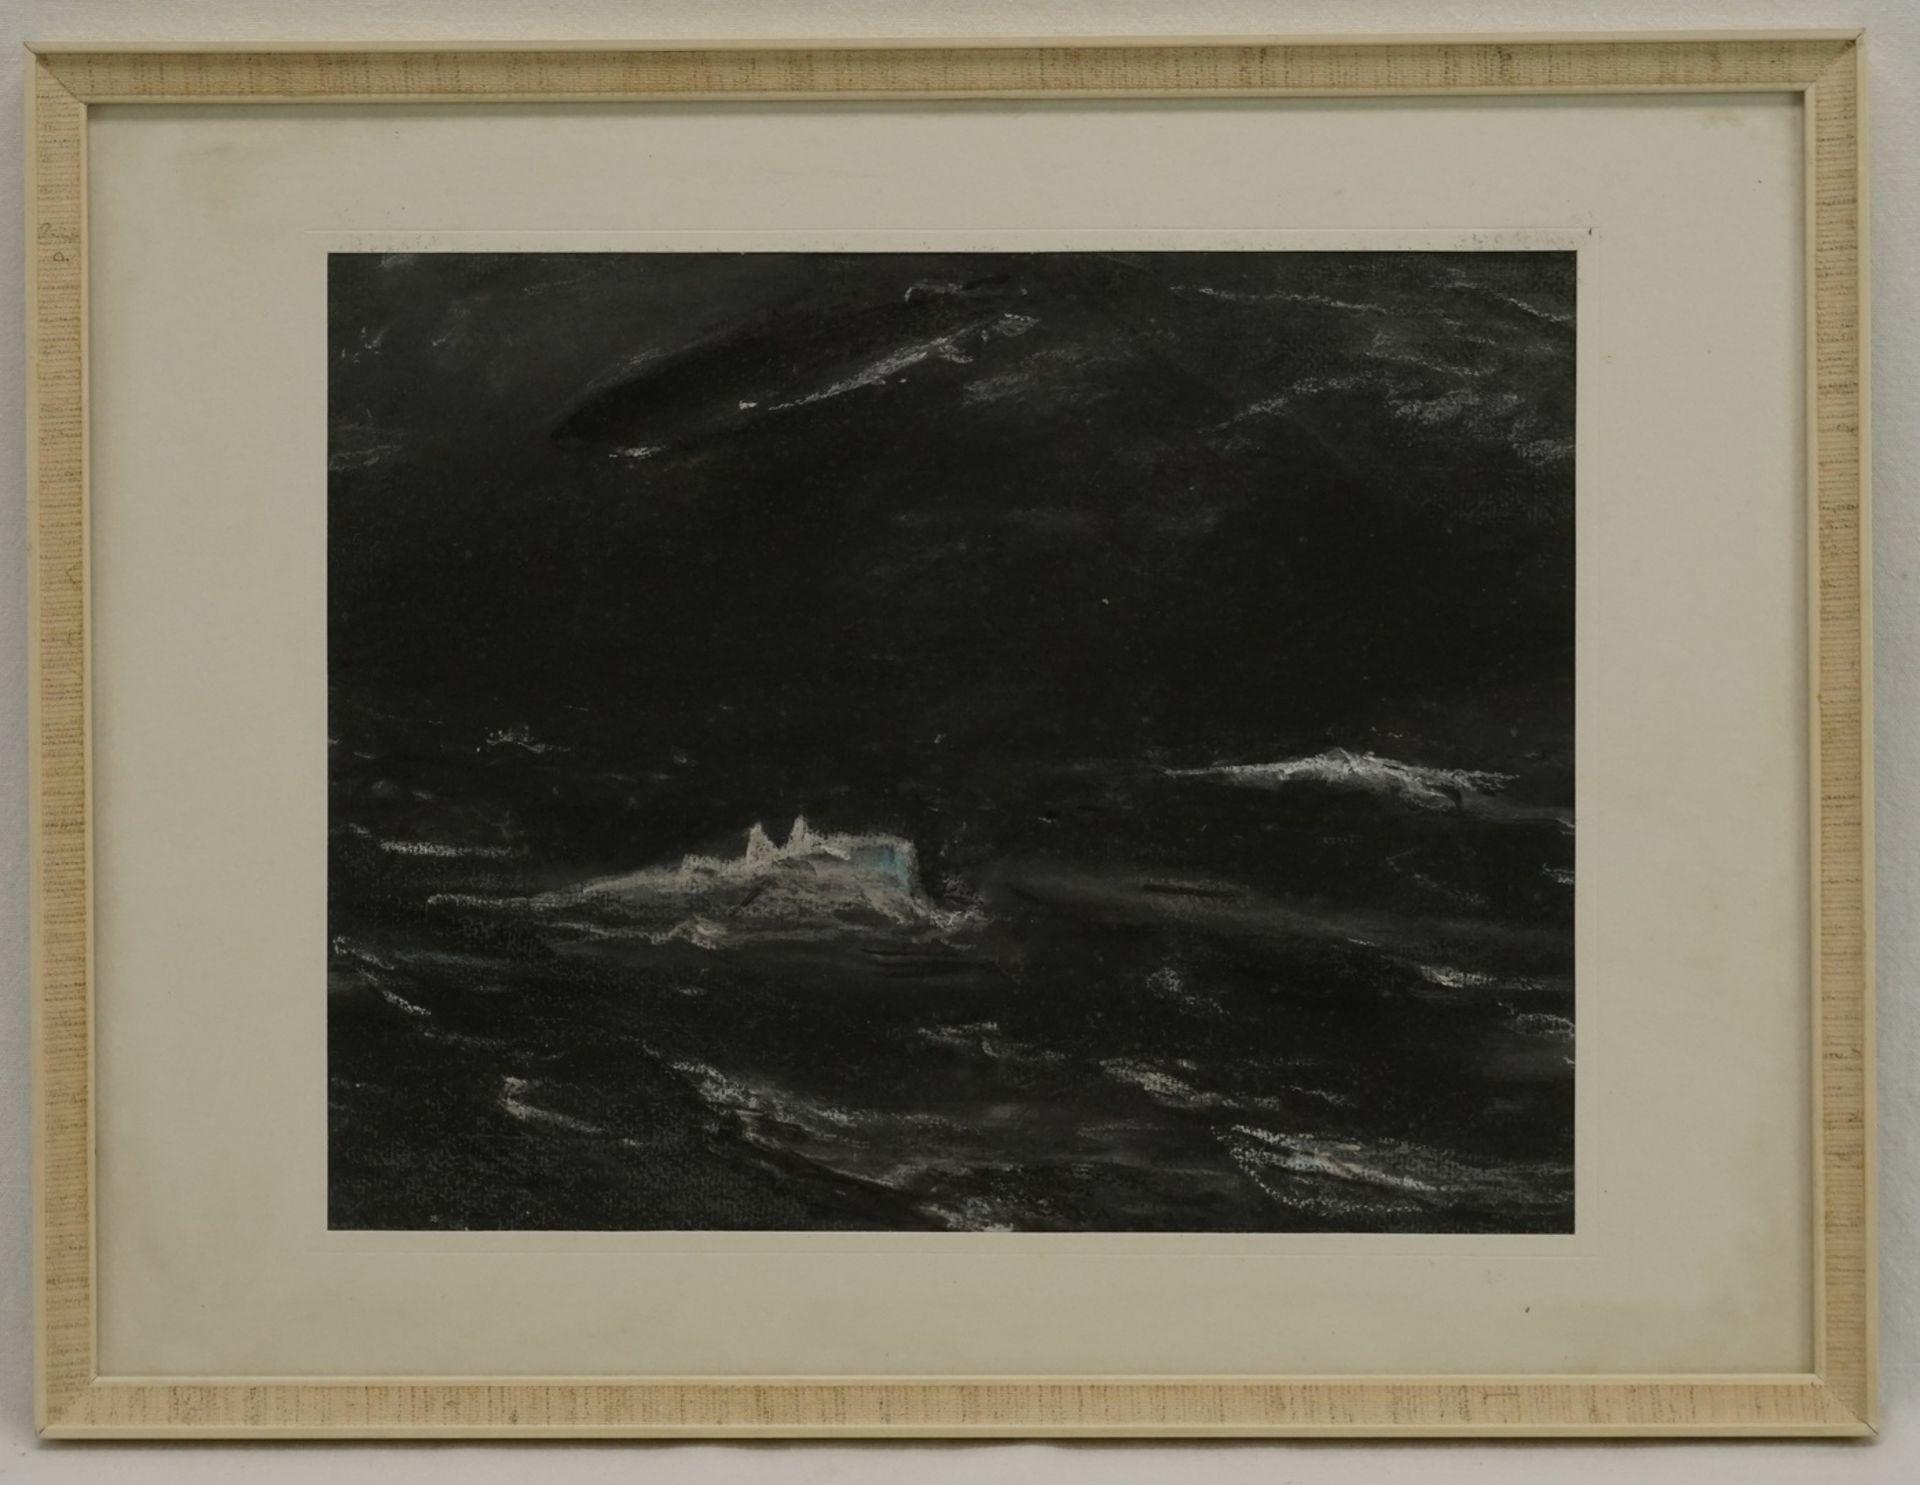 Wohl Ernst-Ludwig von Aster, Abtauchendes U-Boot mit Zeppelin - Bild 2 aus 4